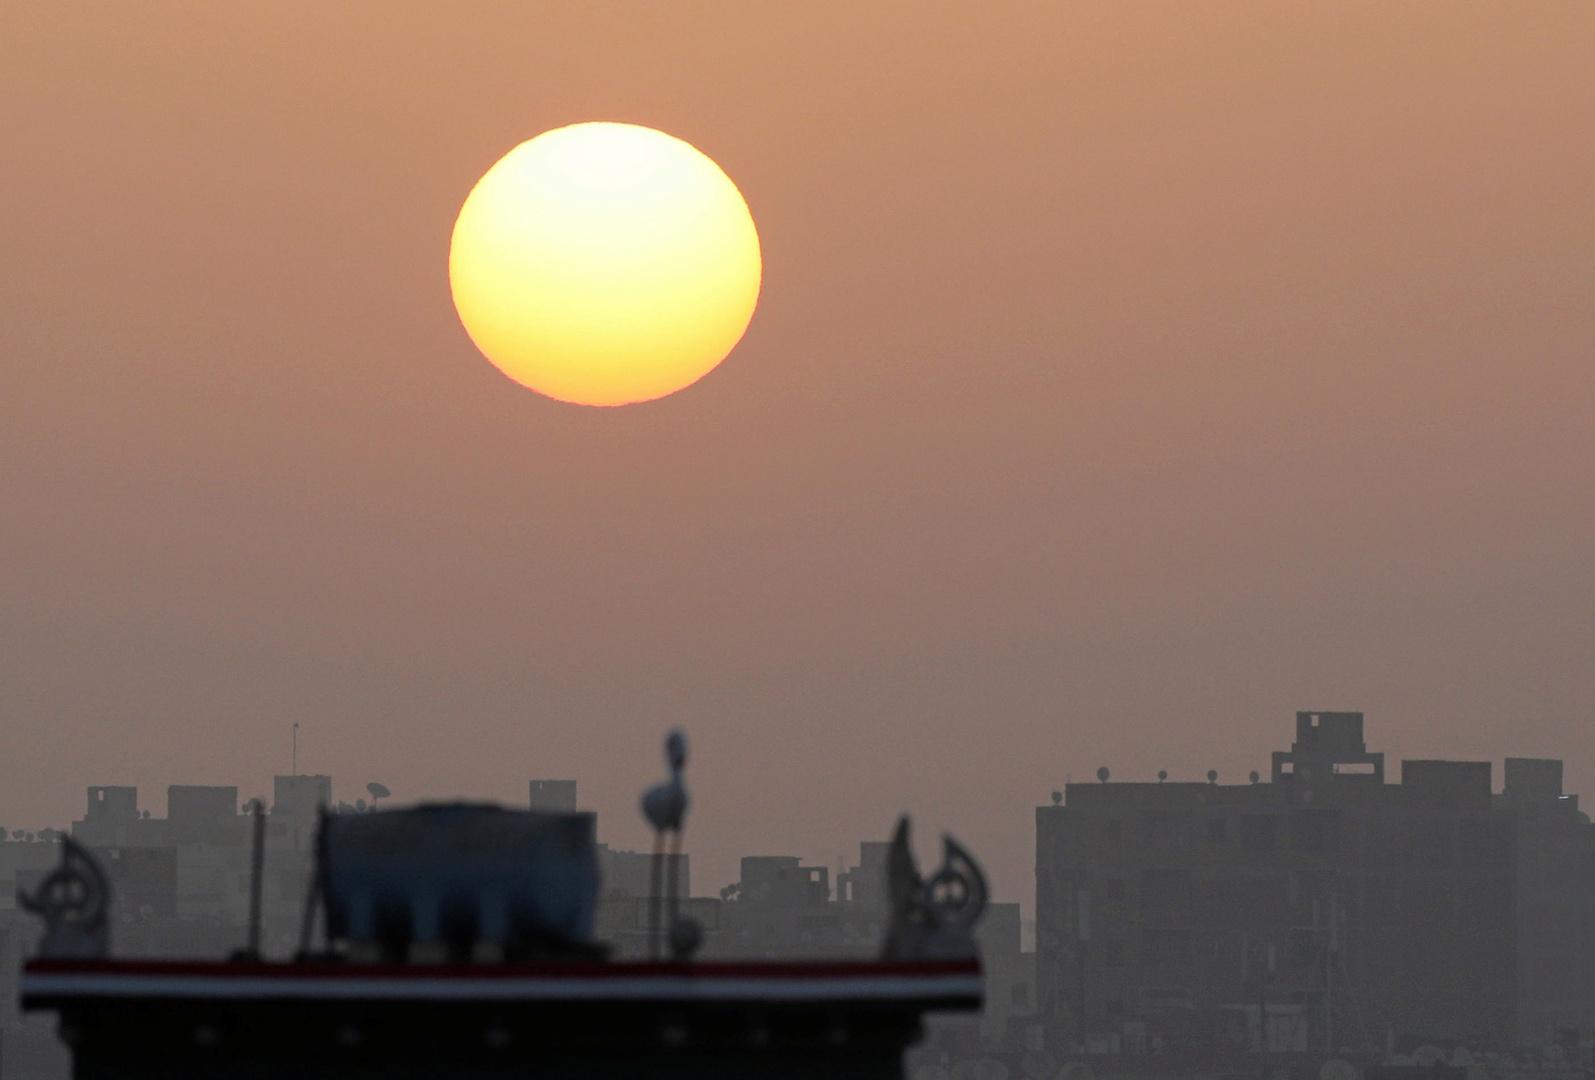 الأمم المتحدة تعتبر العقد الجاري الأشد حرارة في التاريخ